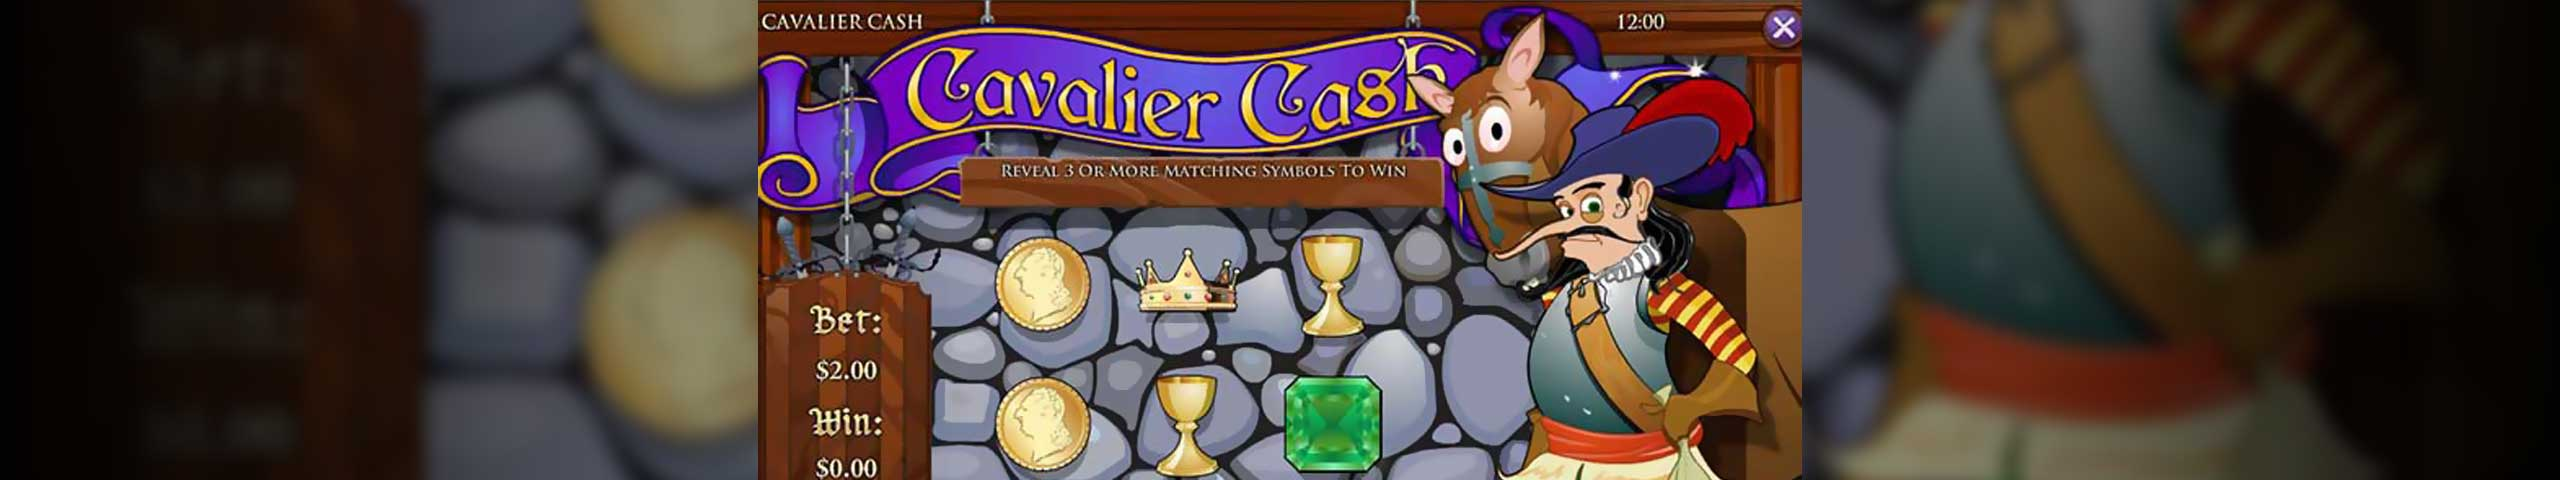 Skrapeloddspill Cavalier Cash, Rival Slider - Himmelspill.com